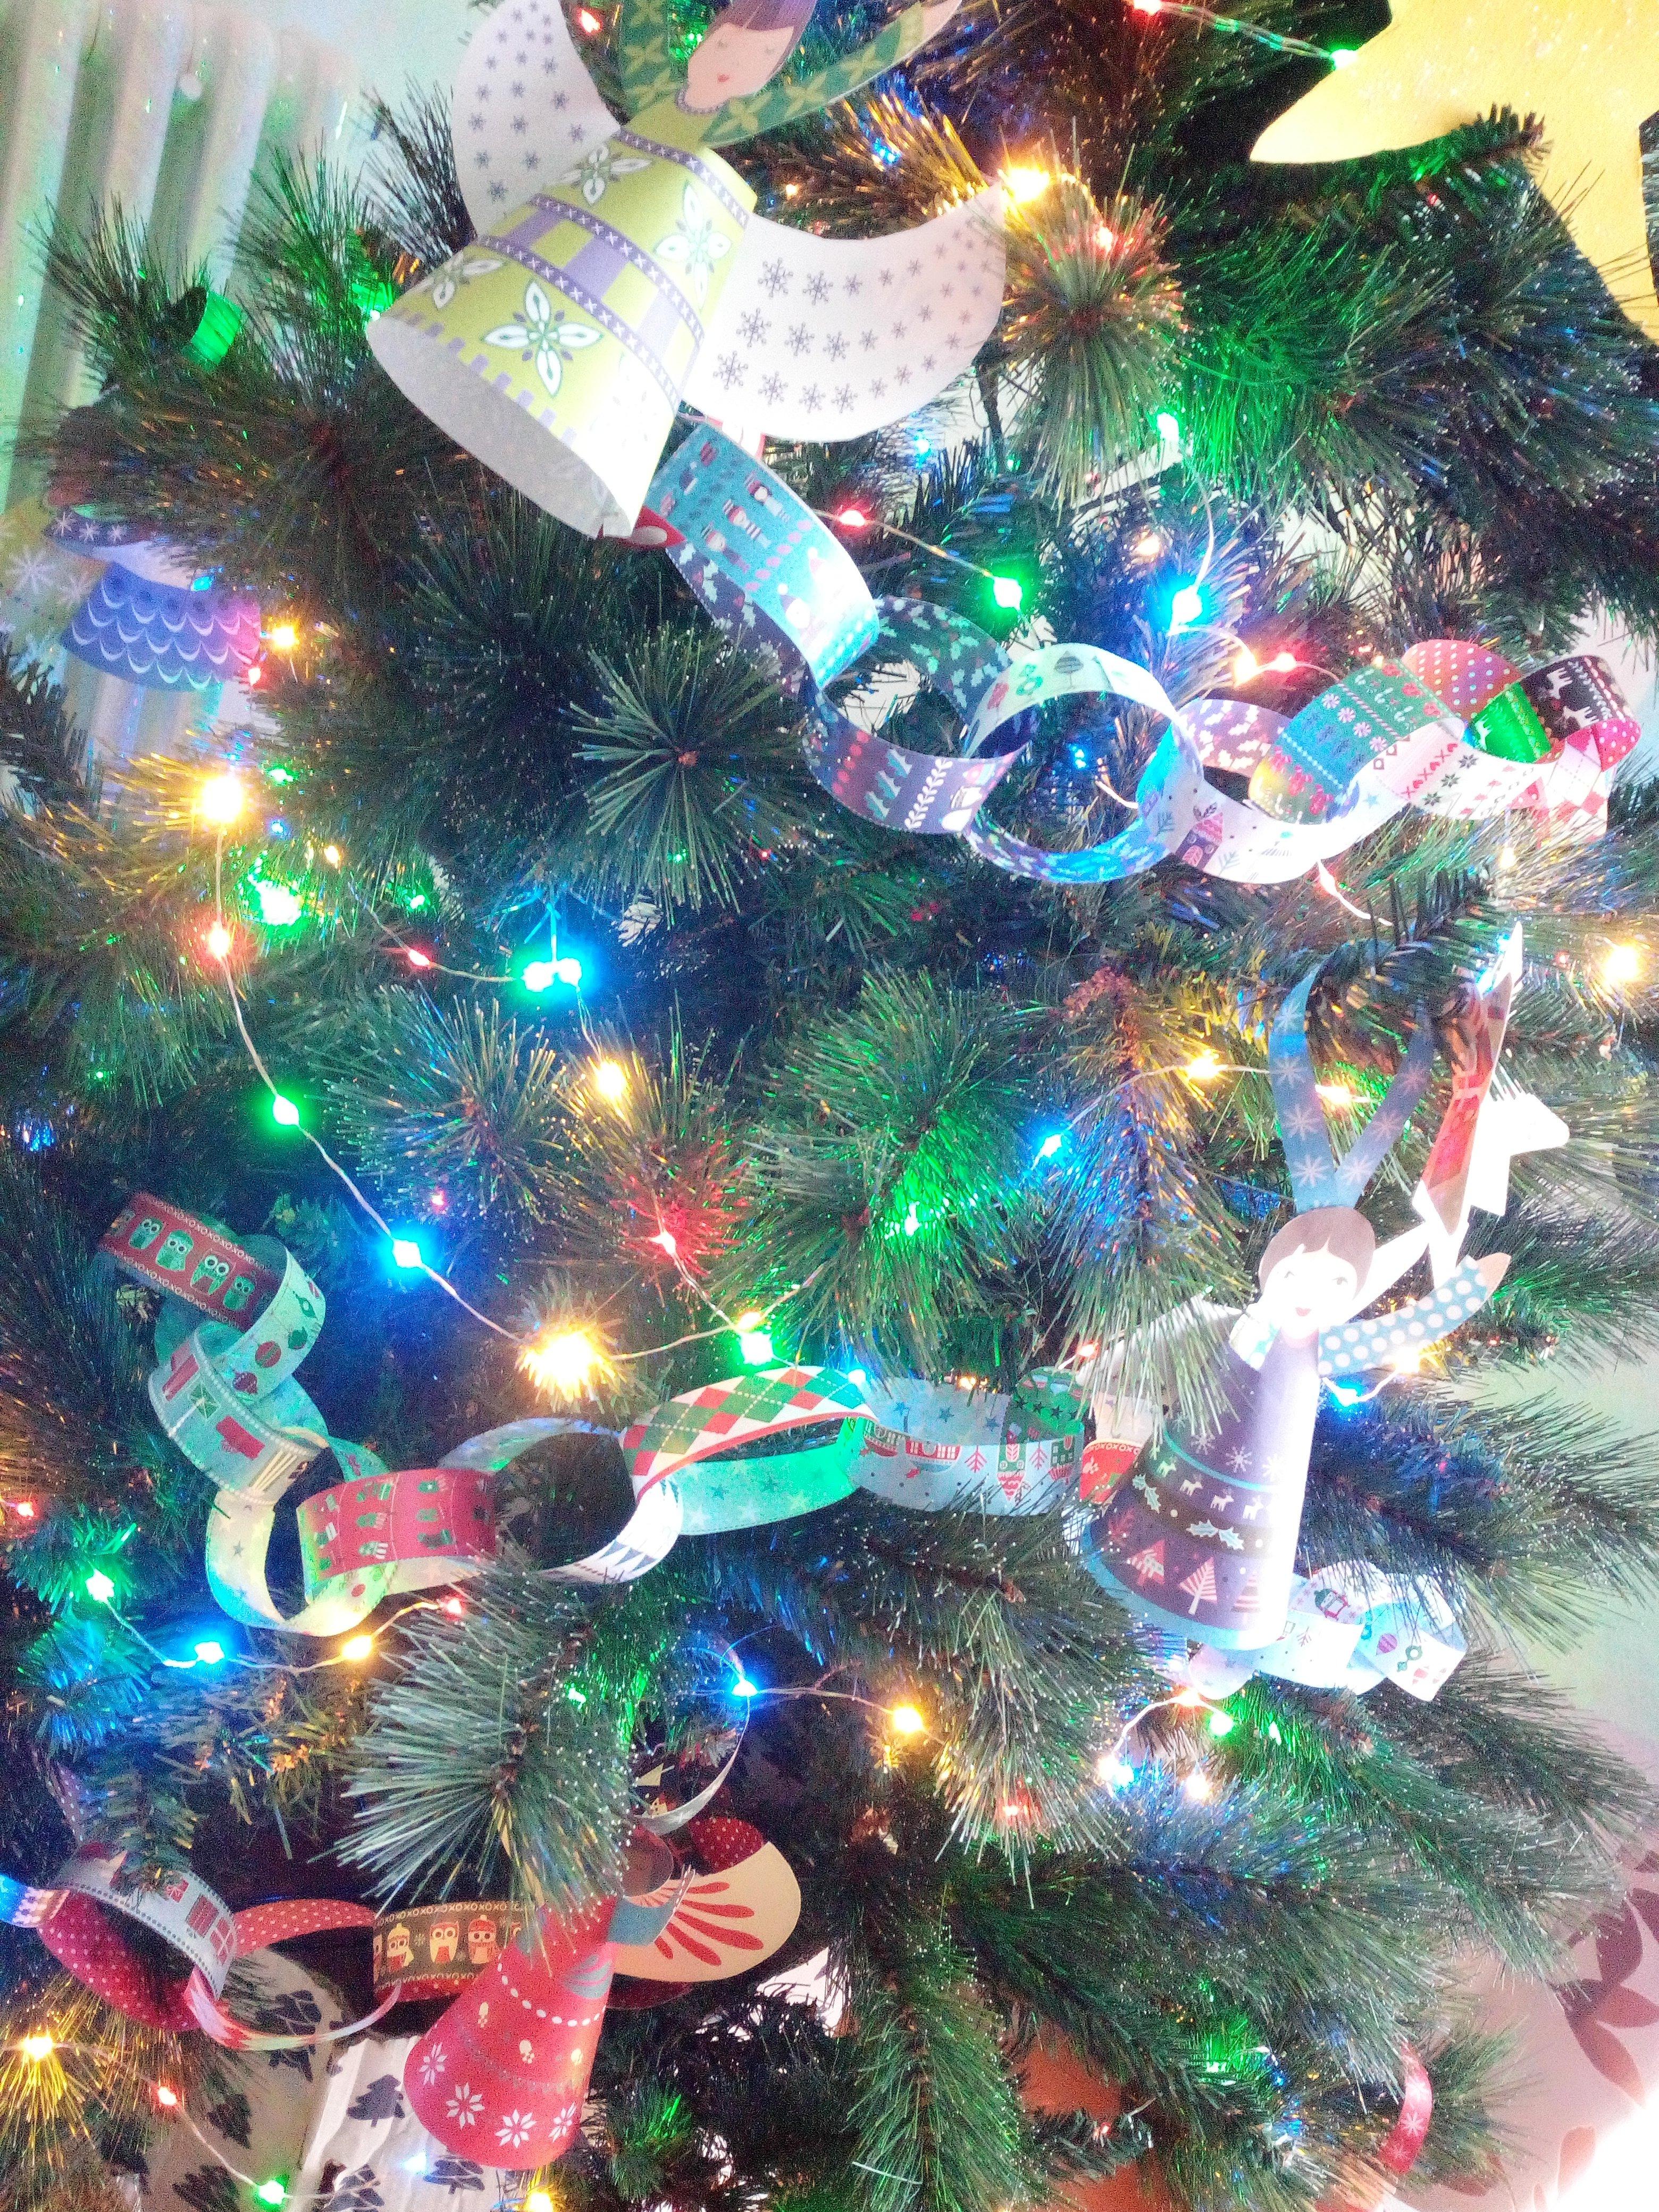 dettaglio di una lbero di Natale con decori in carta